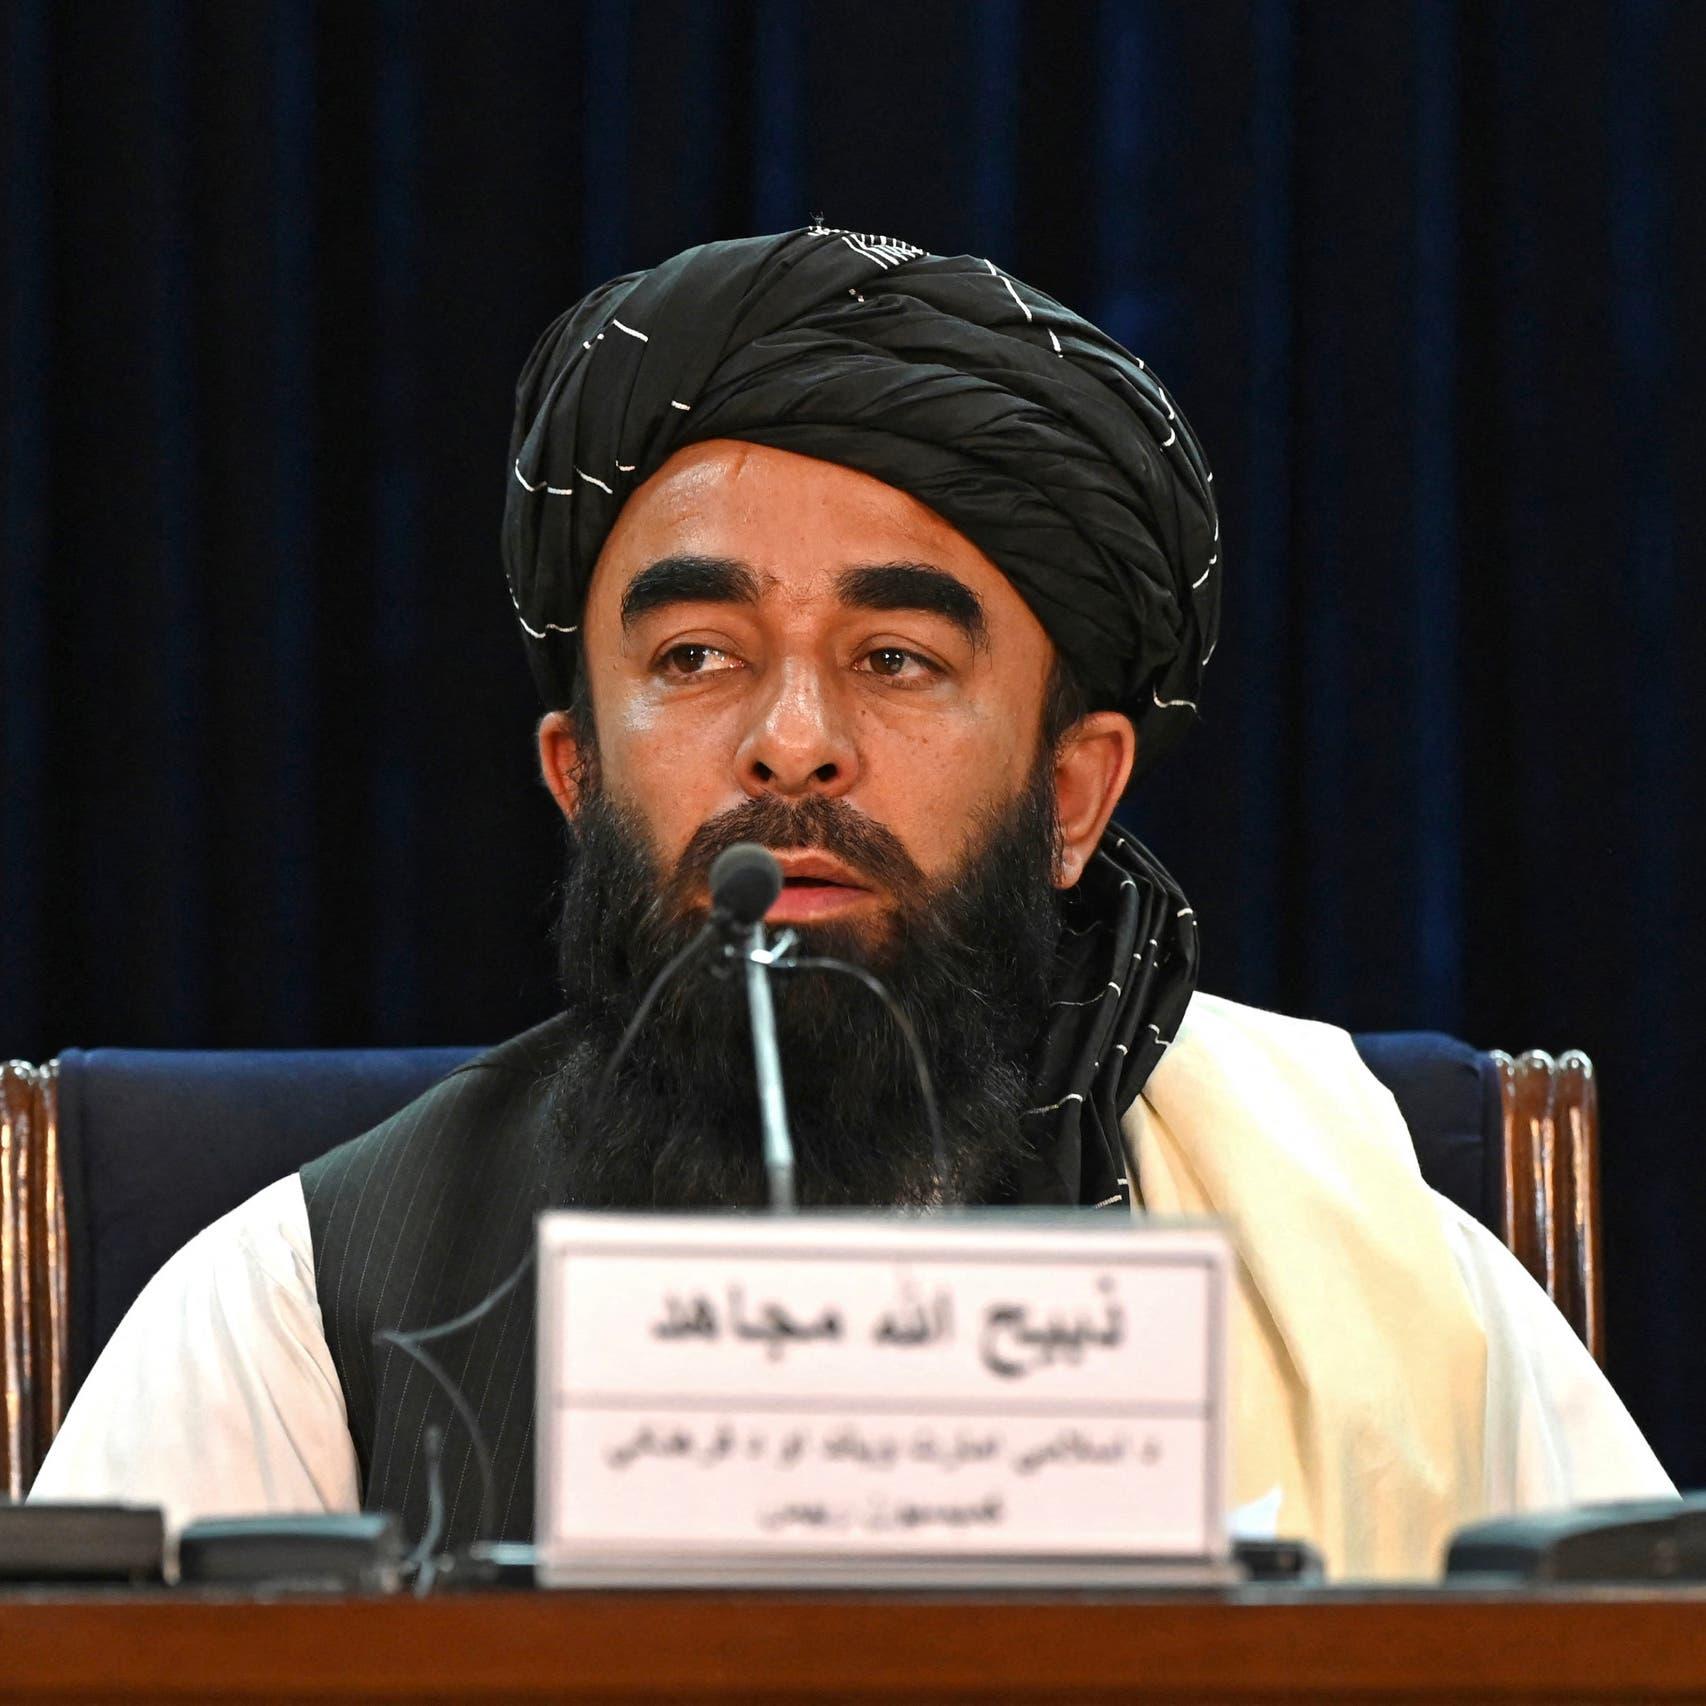 طالبان تطالب القوات الأفغانية السابقة بالاندماج بنظام حكمها